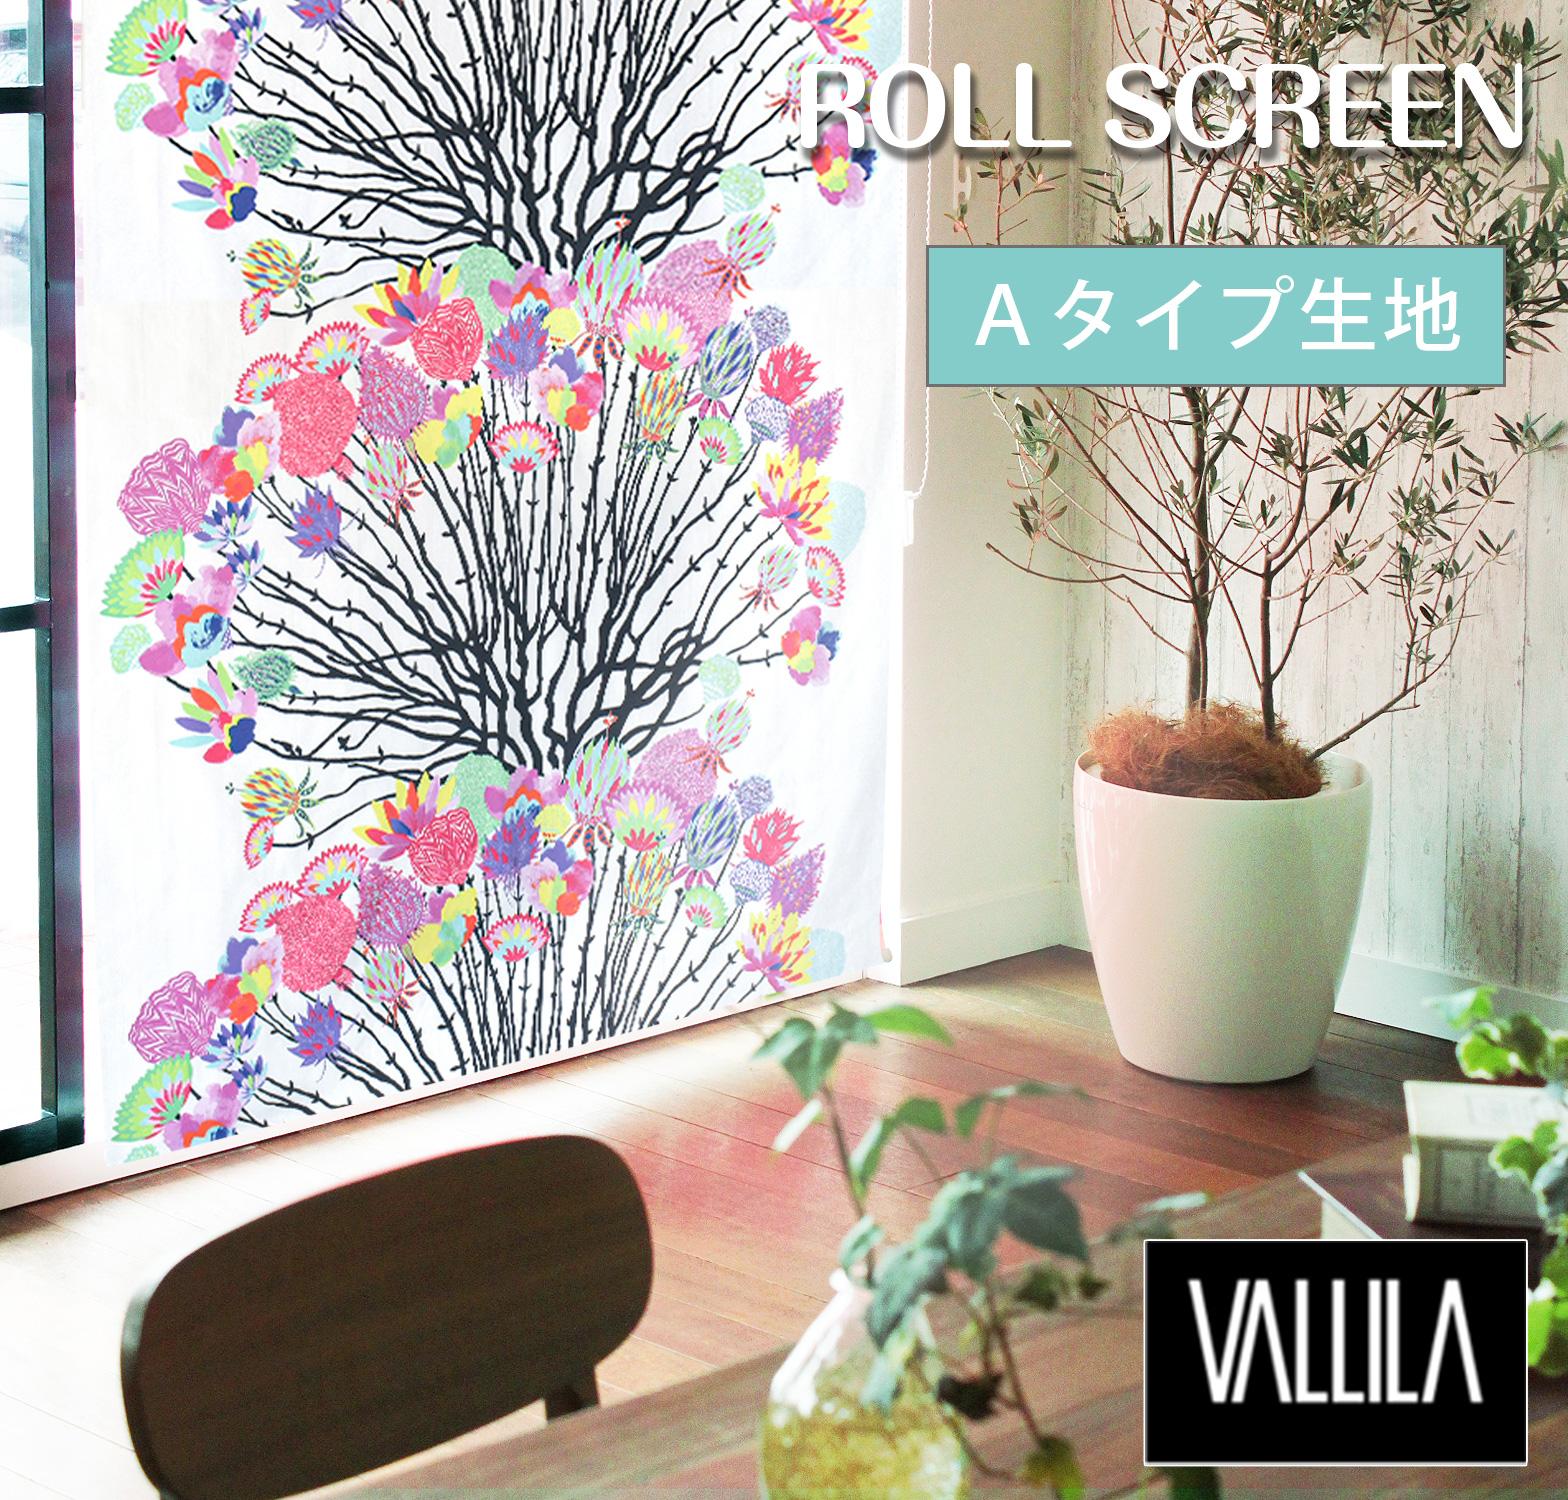 ロールスクリーン ロールカーテン オーダー 北欧 ヴァリラ バリラ VALLILA Aタイプ 柄 小窓 バップクッカ スクリーン 幅60cm 非遮光